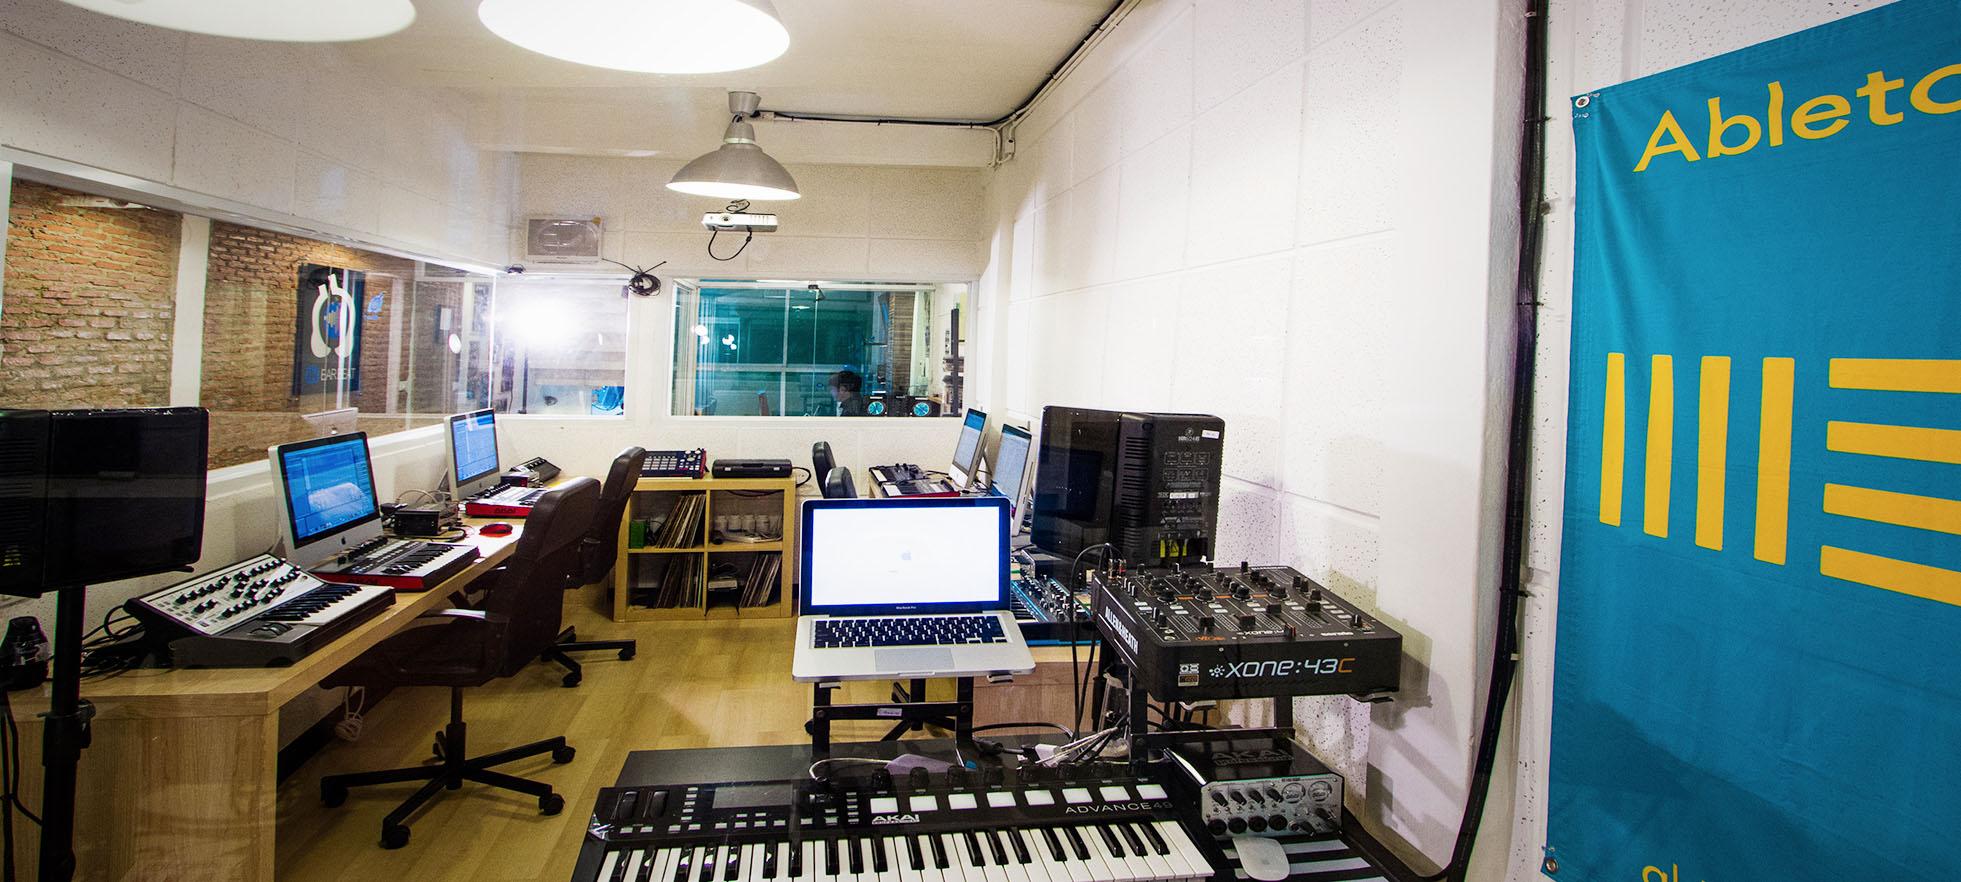 ห้องเรียนทำเพลง | InEarBeat